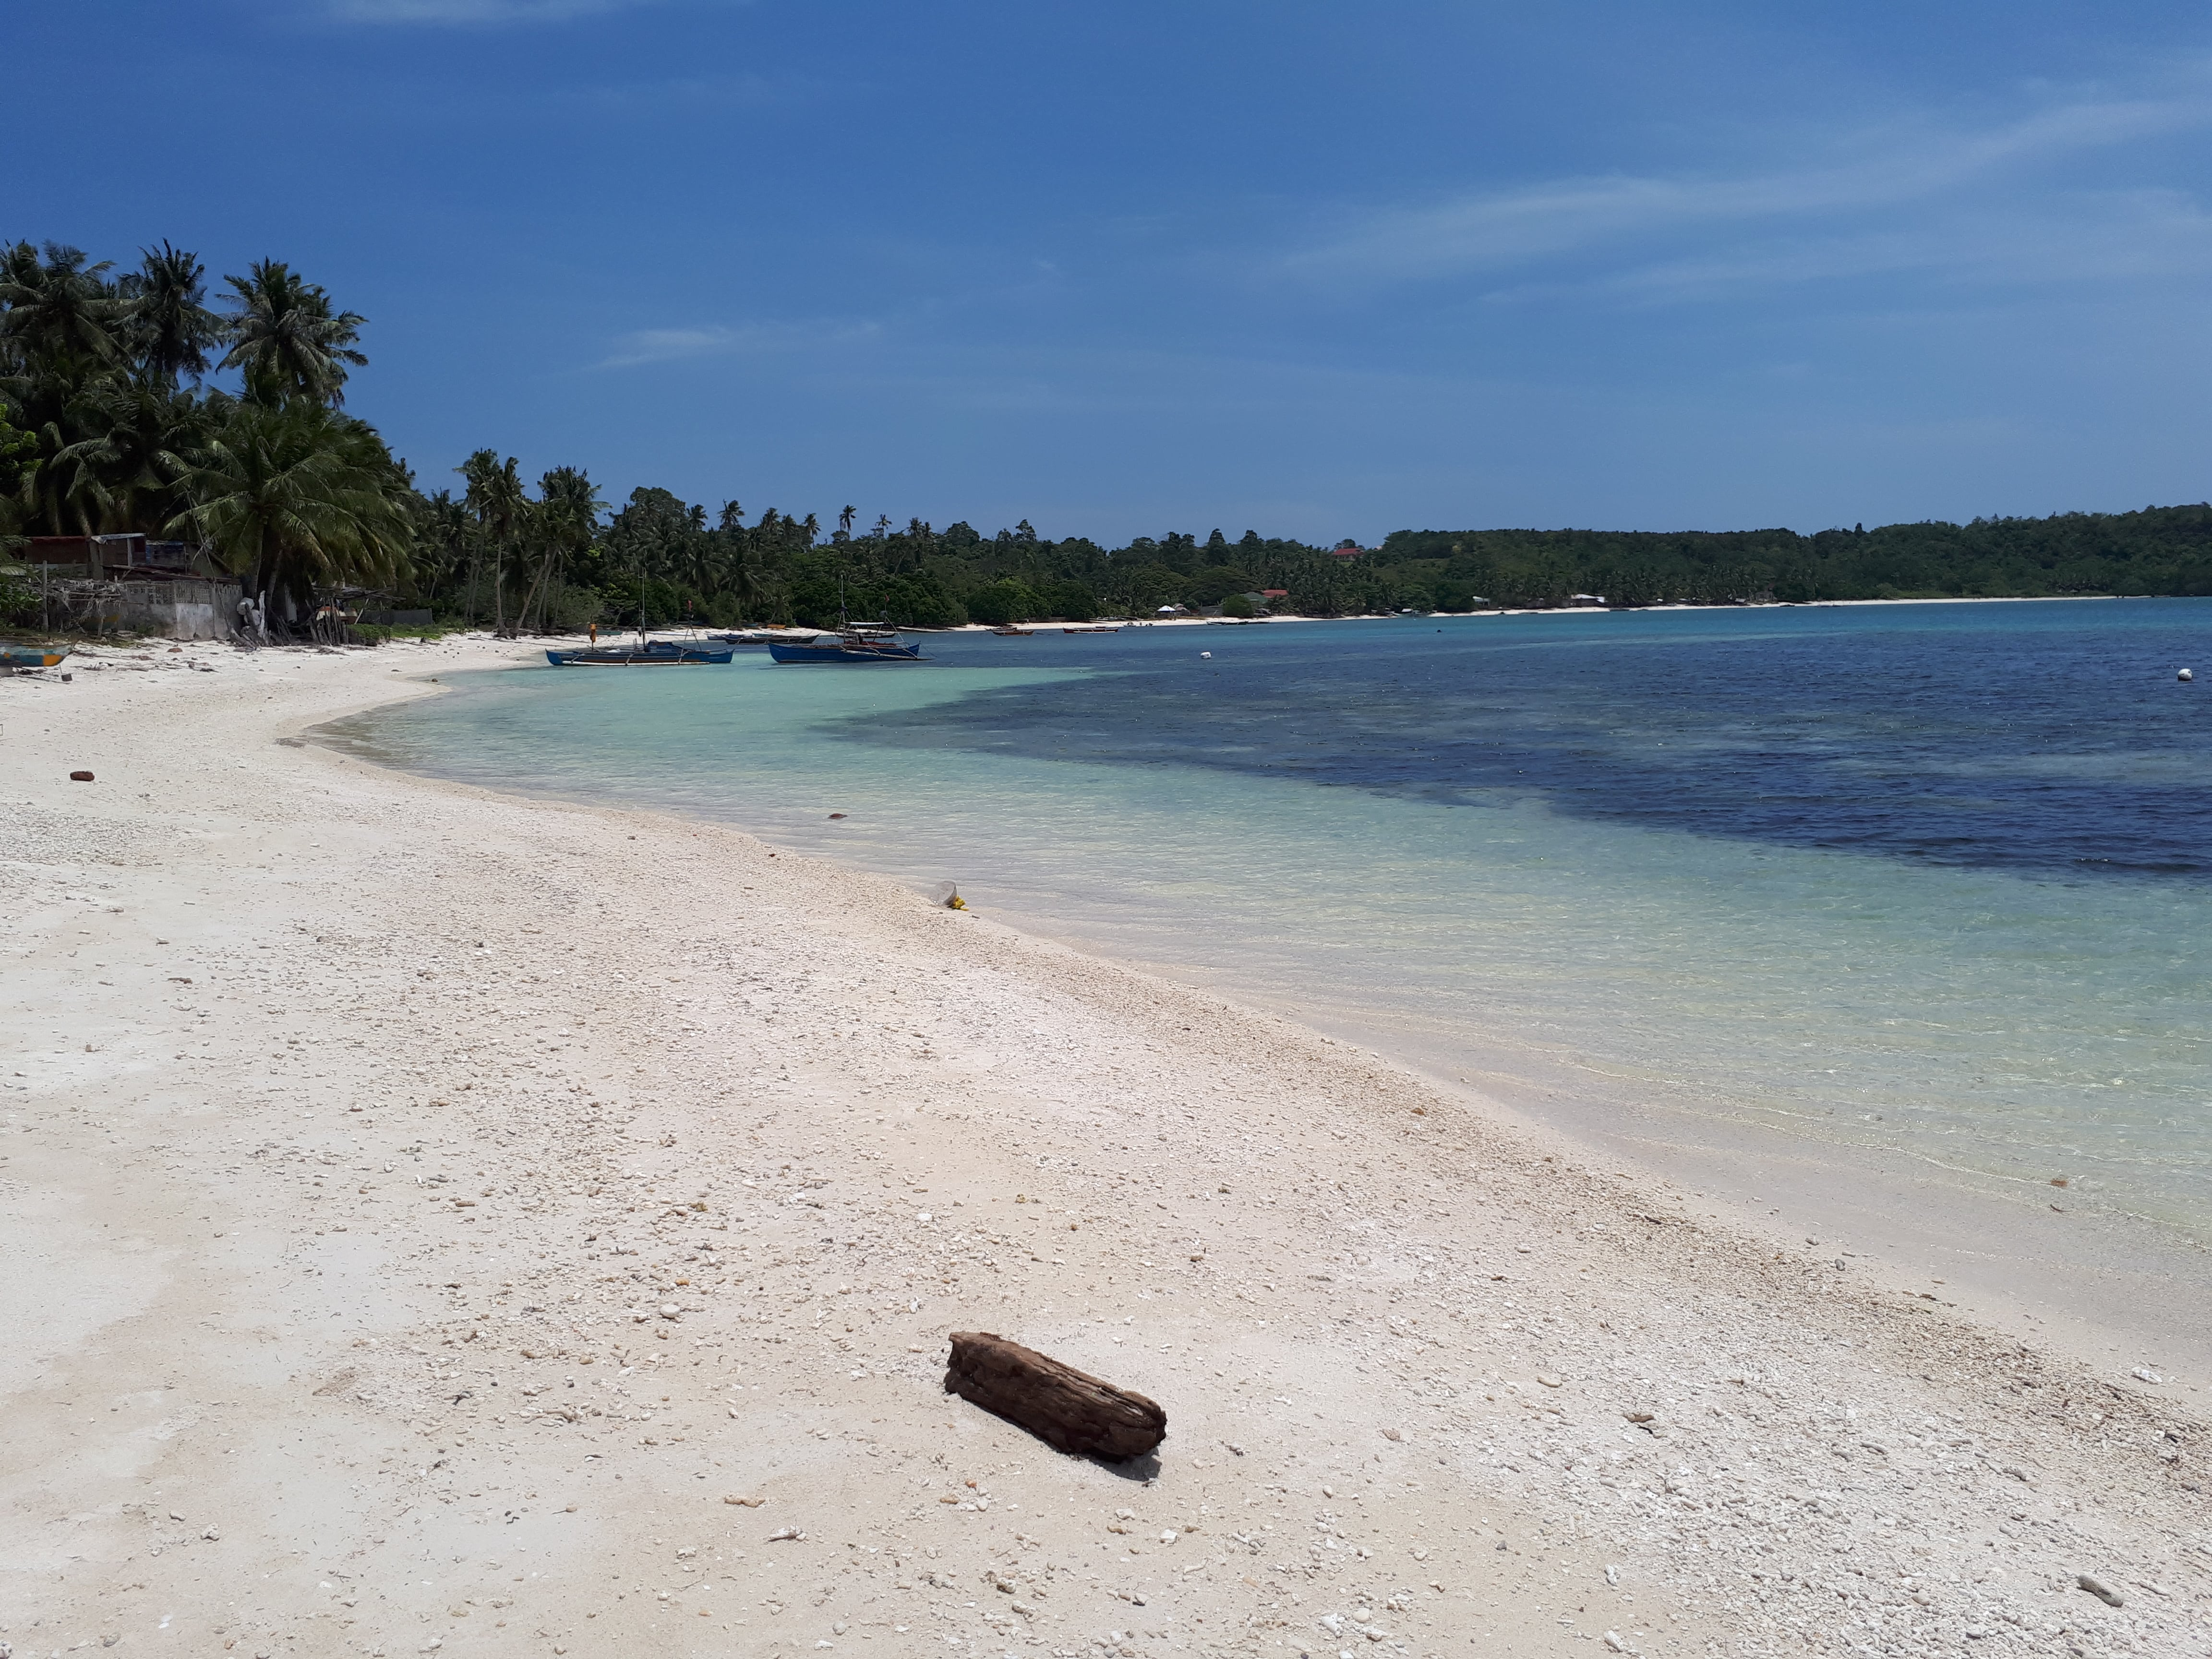 La plage de Minalulan à Siquijor aux Philippines